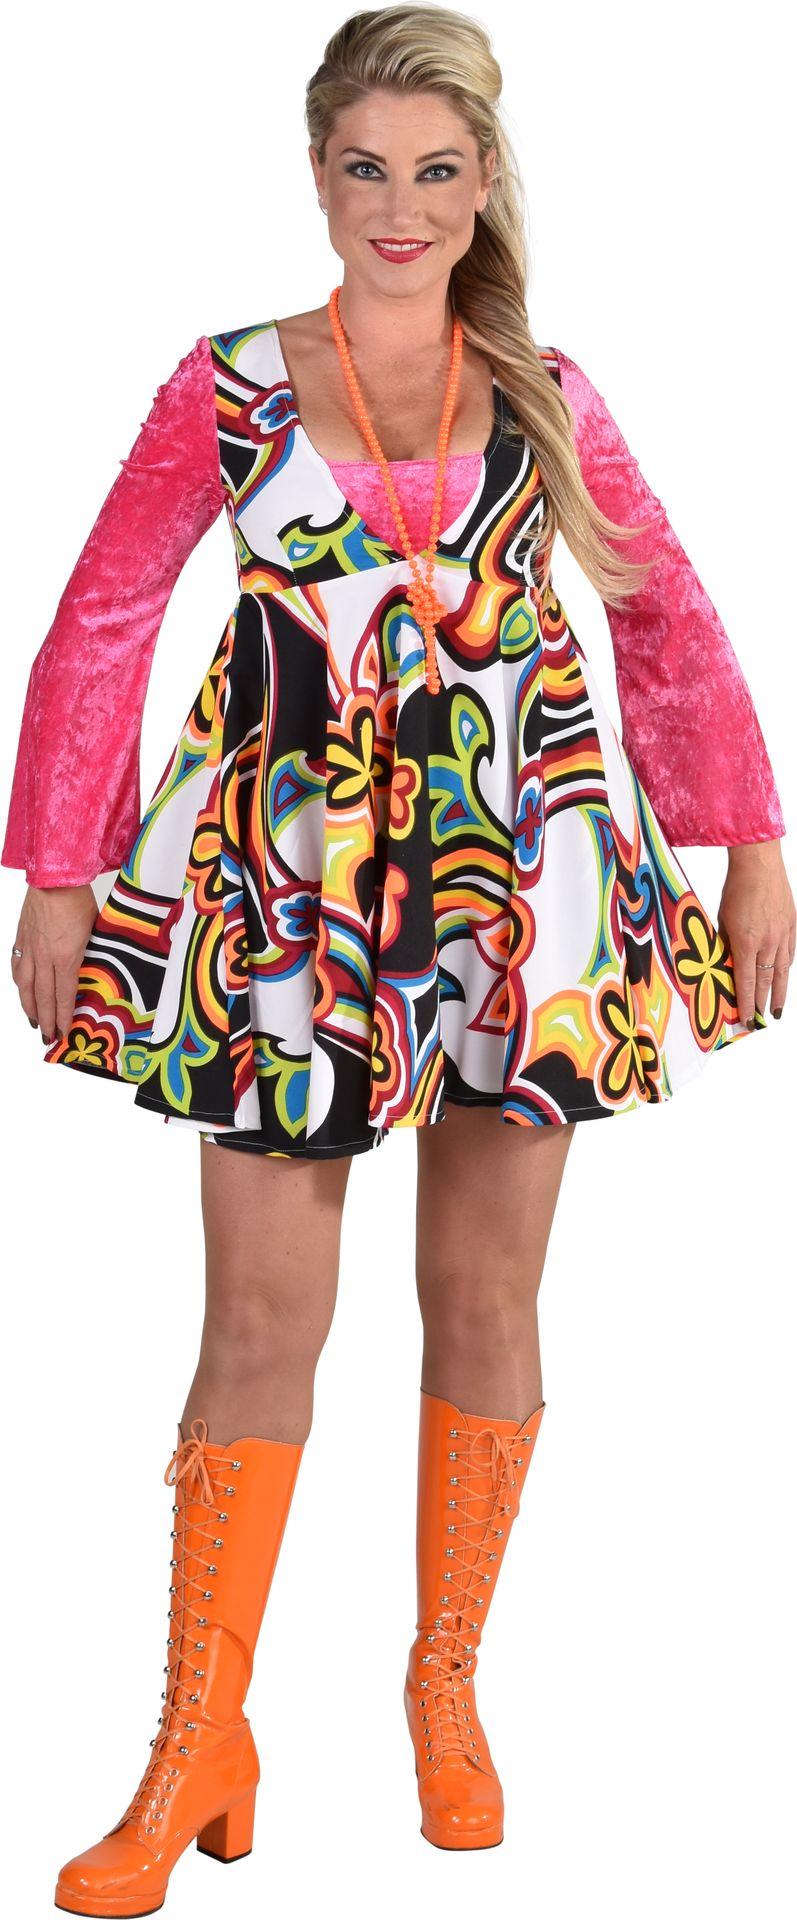 Fantasie 70s jurkje dames